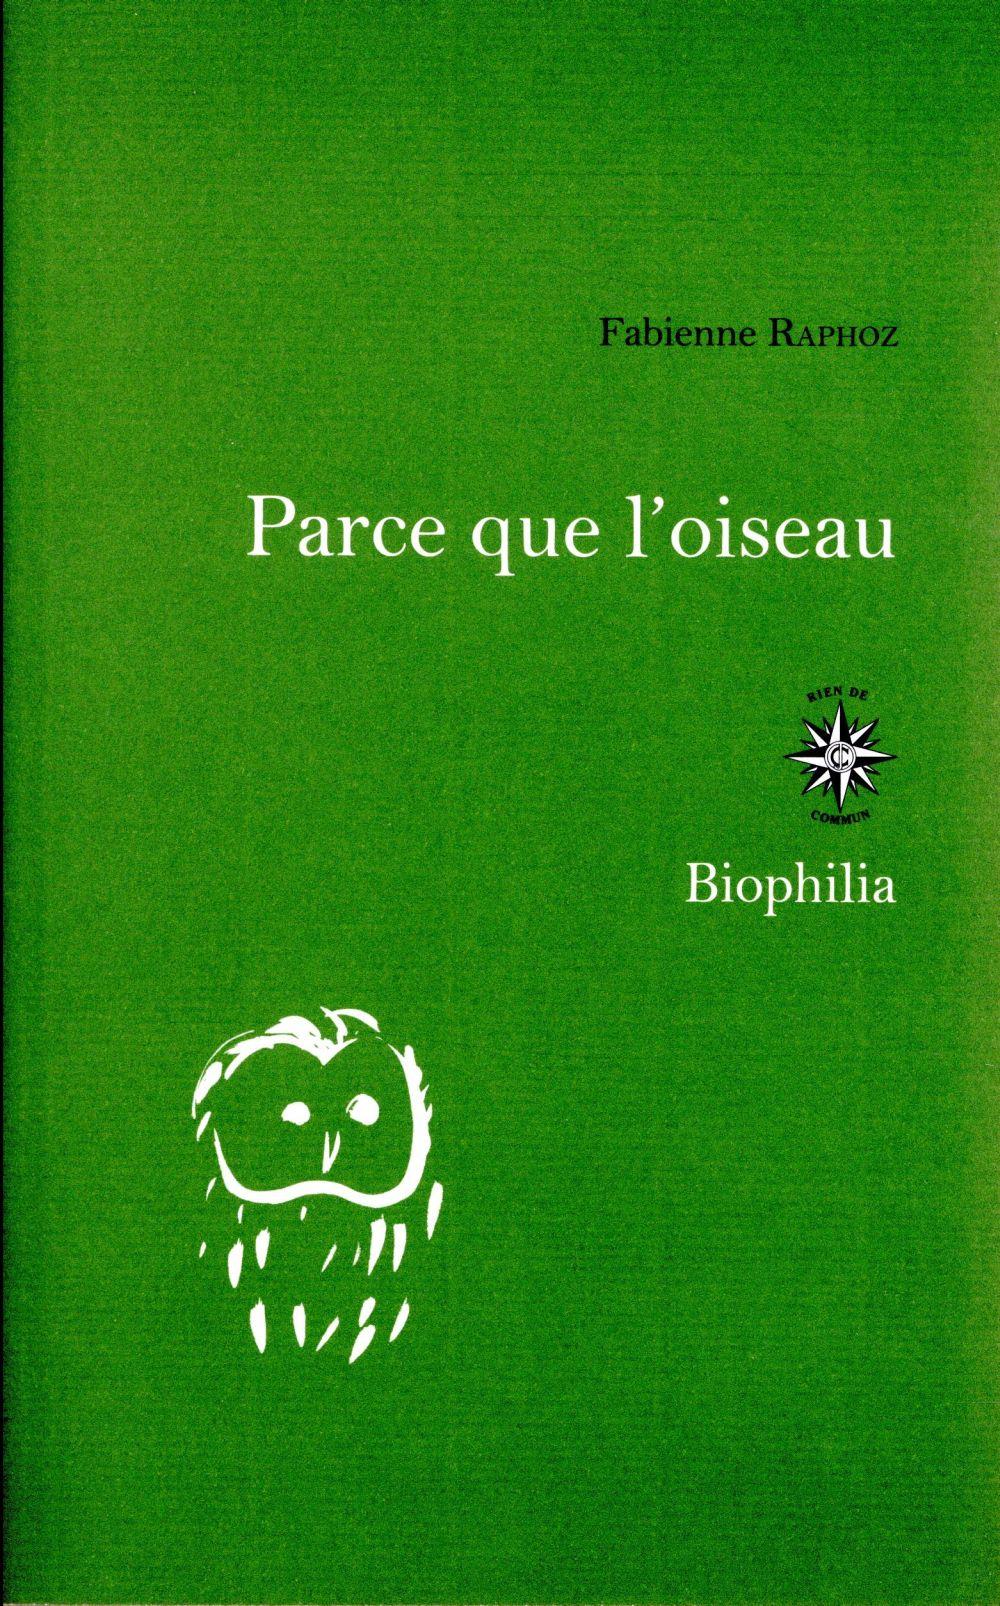 PARCE QUE L'OISEAU